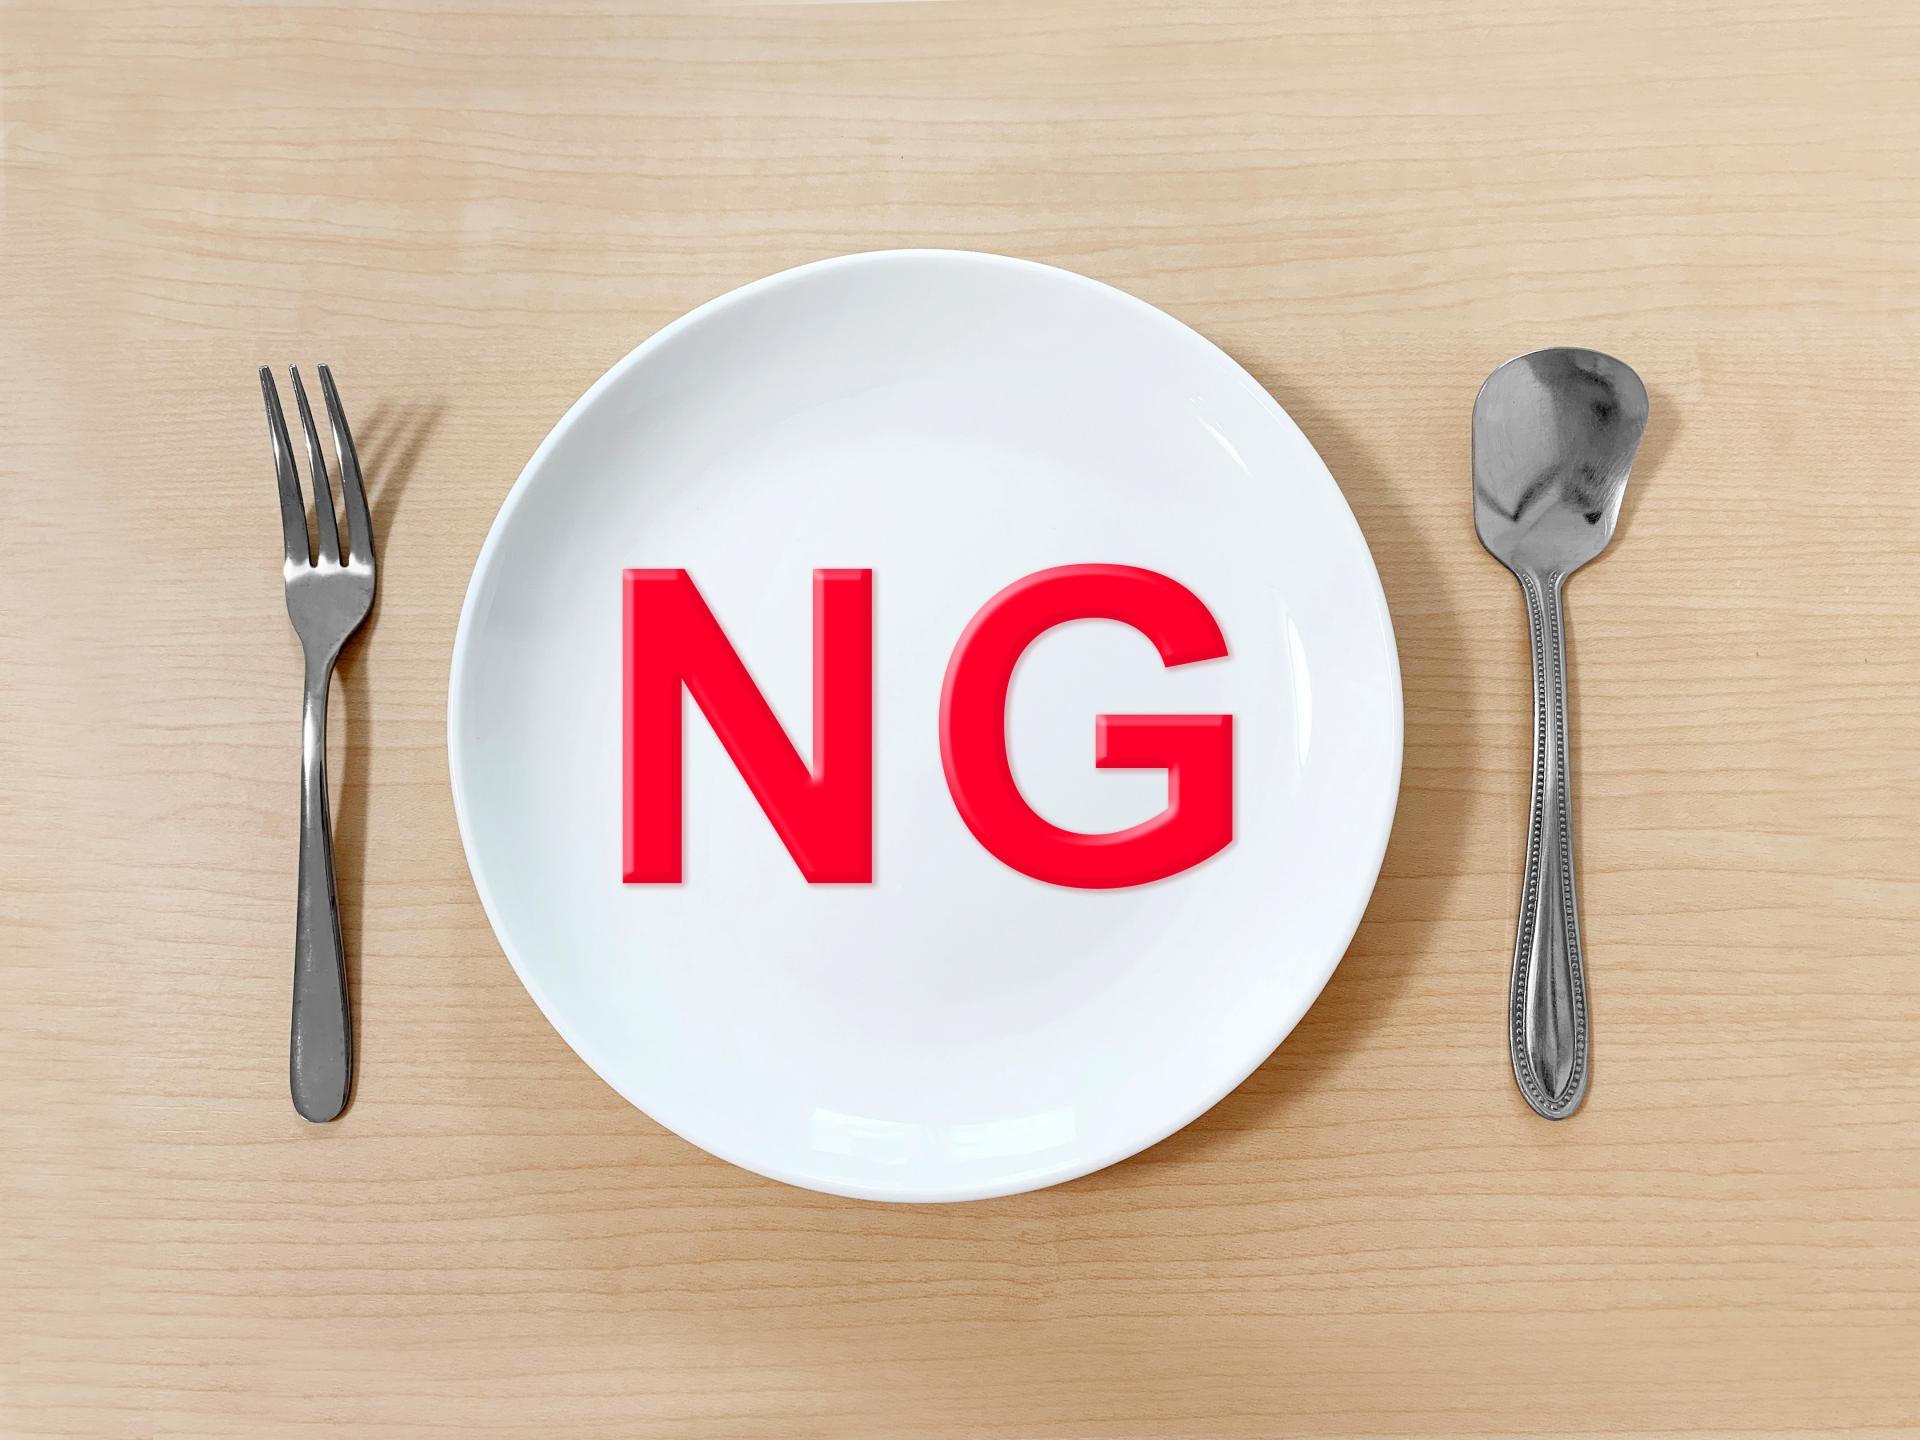 【絶対やめとけ】おすすめしないダイエット方法ランキング13選